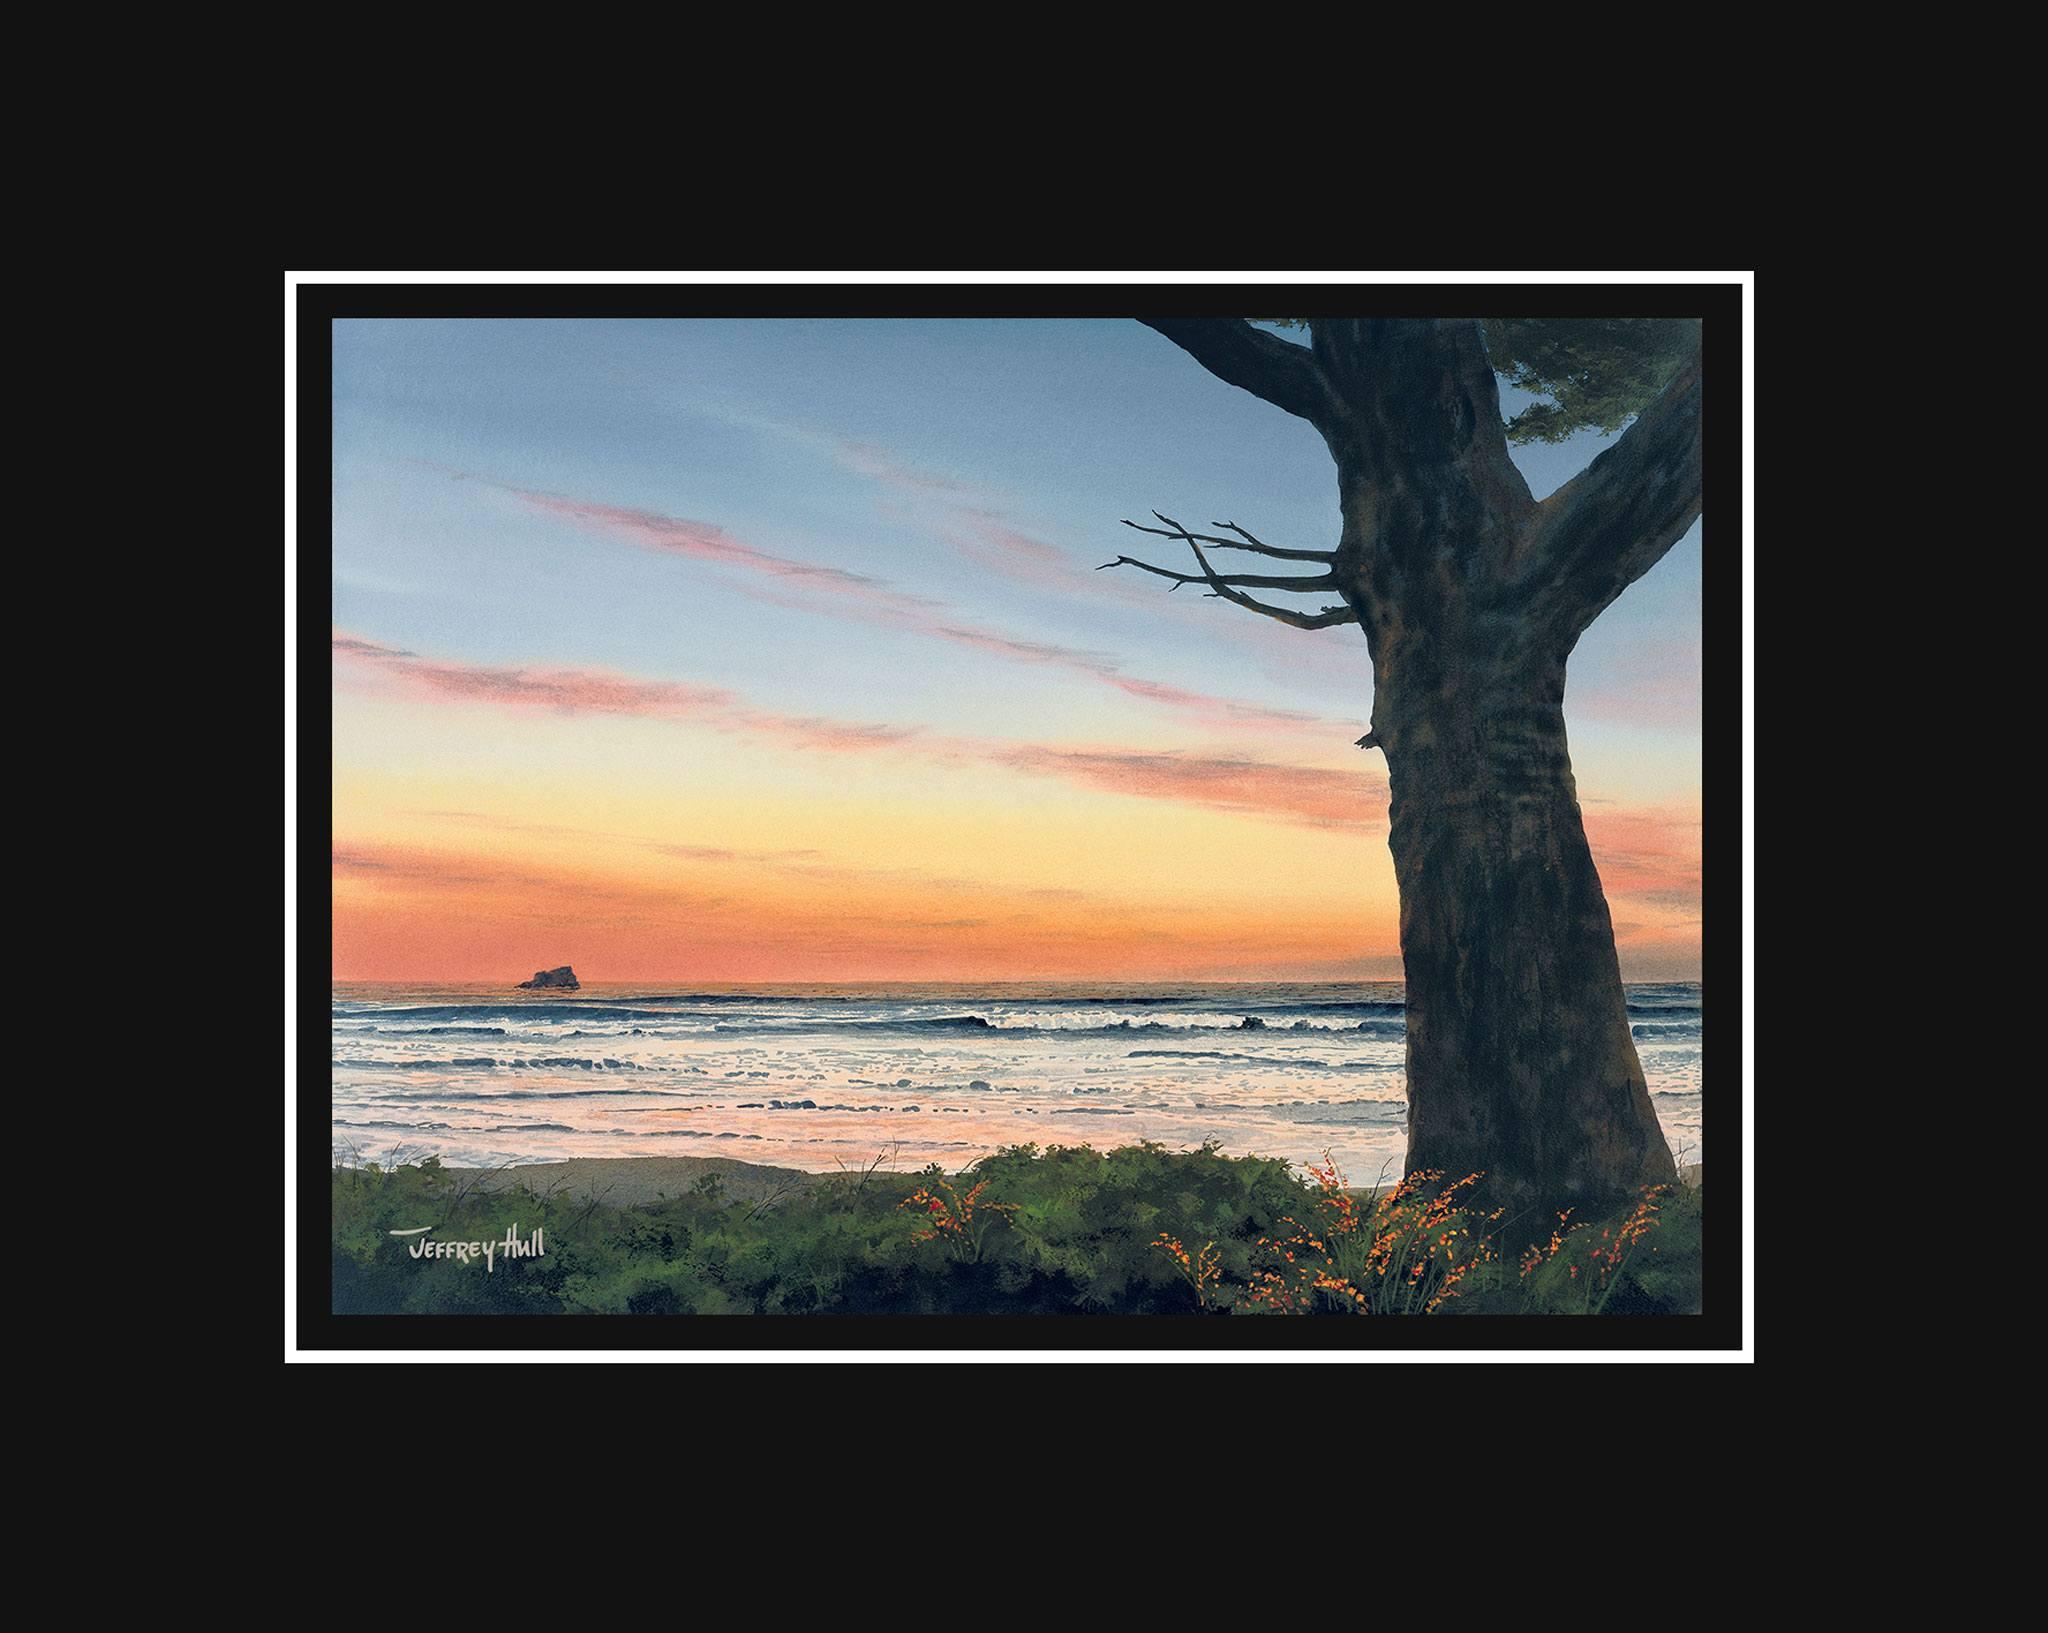 Sunset-Overlook-Mini-Unframed-Jet-Black-4-Website-2021